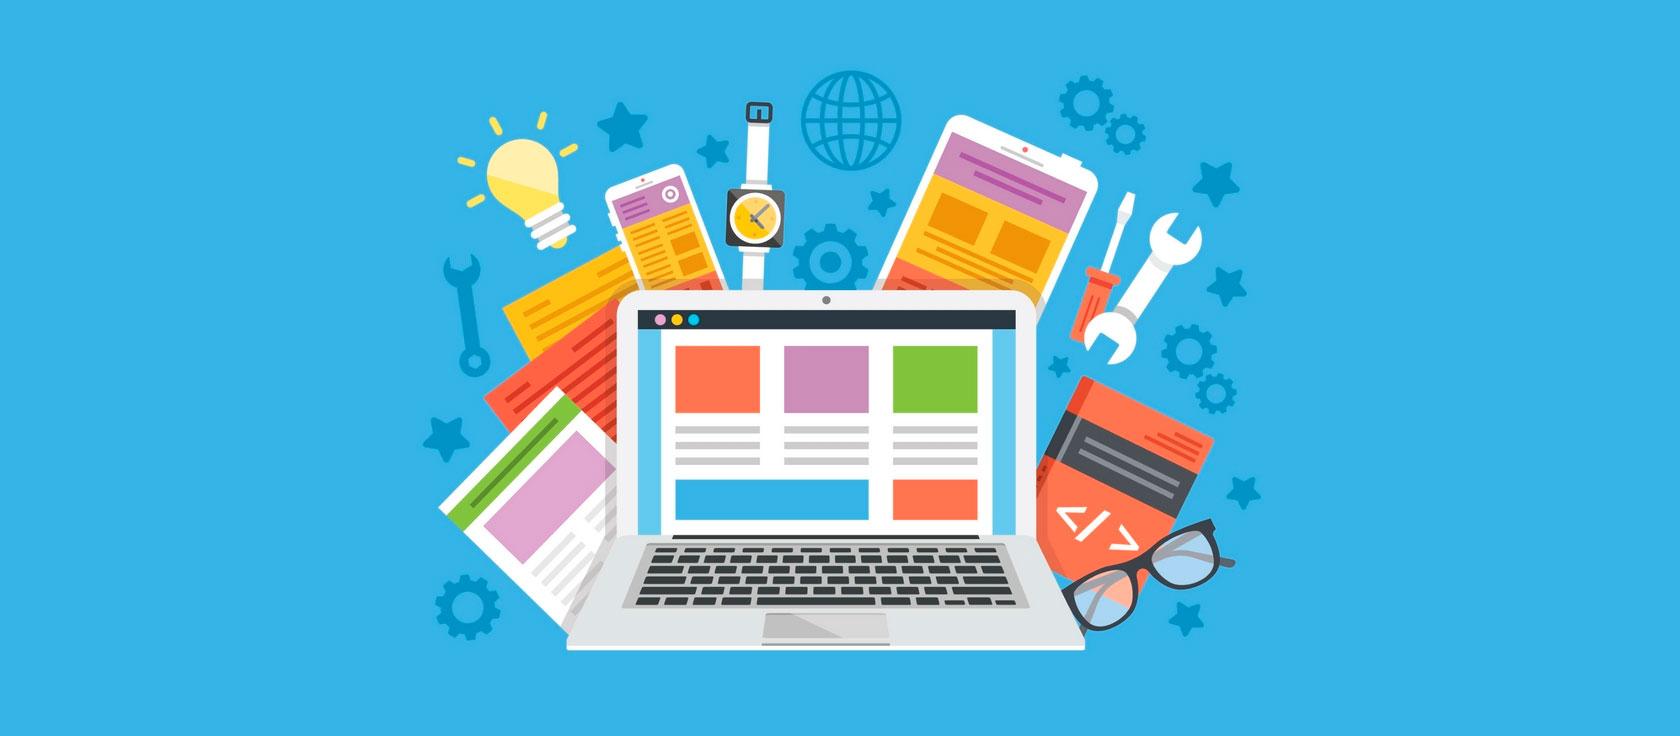 Diseñamos tu sitio web | Expertos en diseño web y posicionamiento